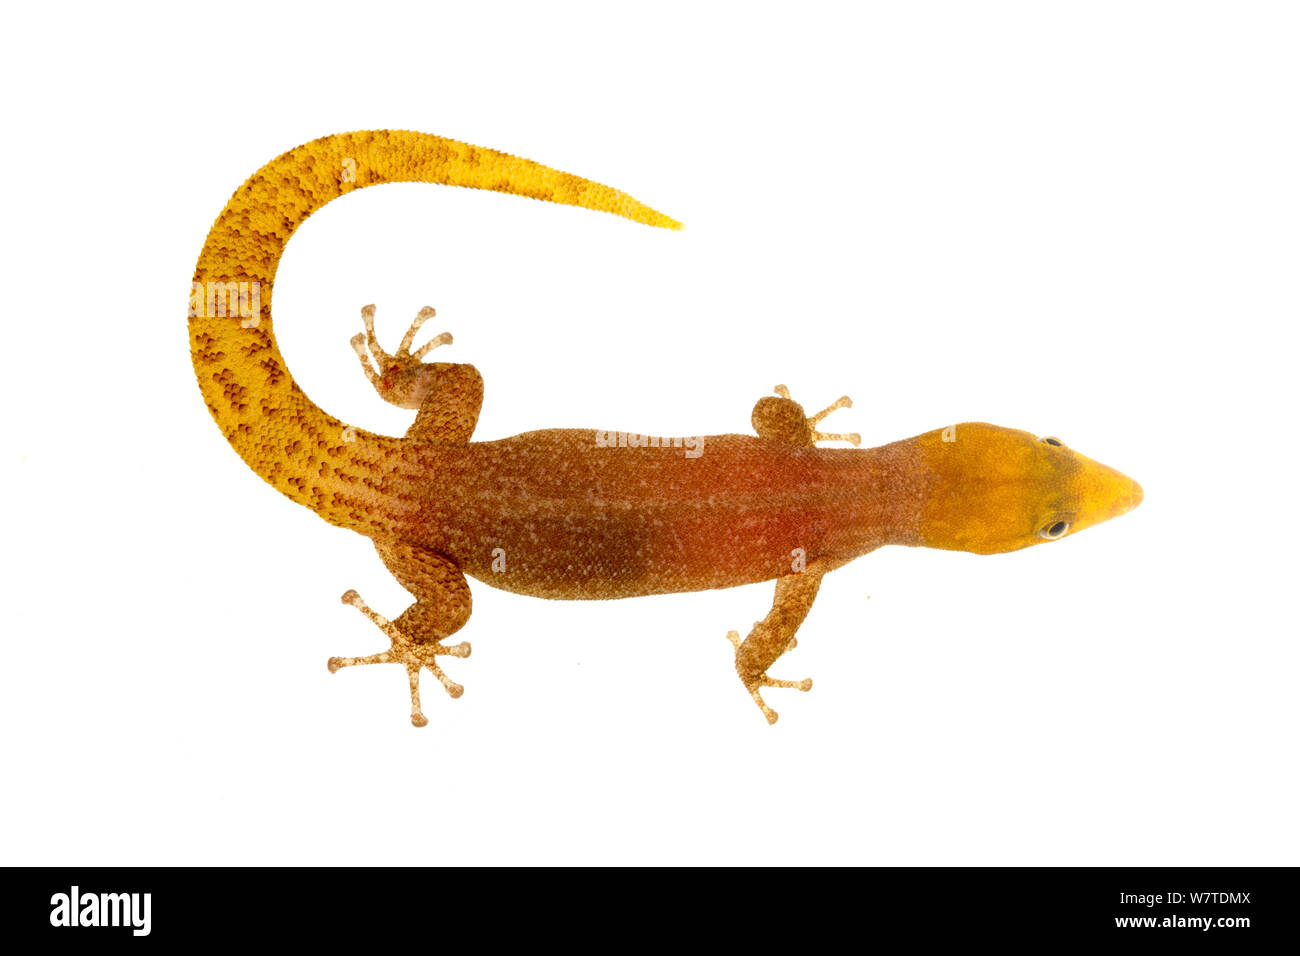 Sphaerodactylus homolepis Isla Colon, Panama. Meetyourneighbours.net project Stock Photo